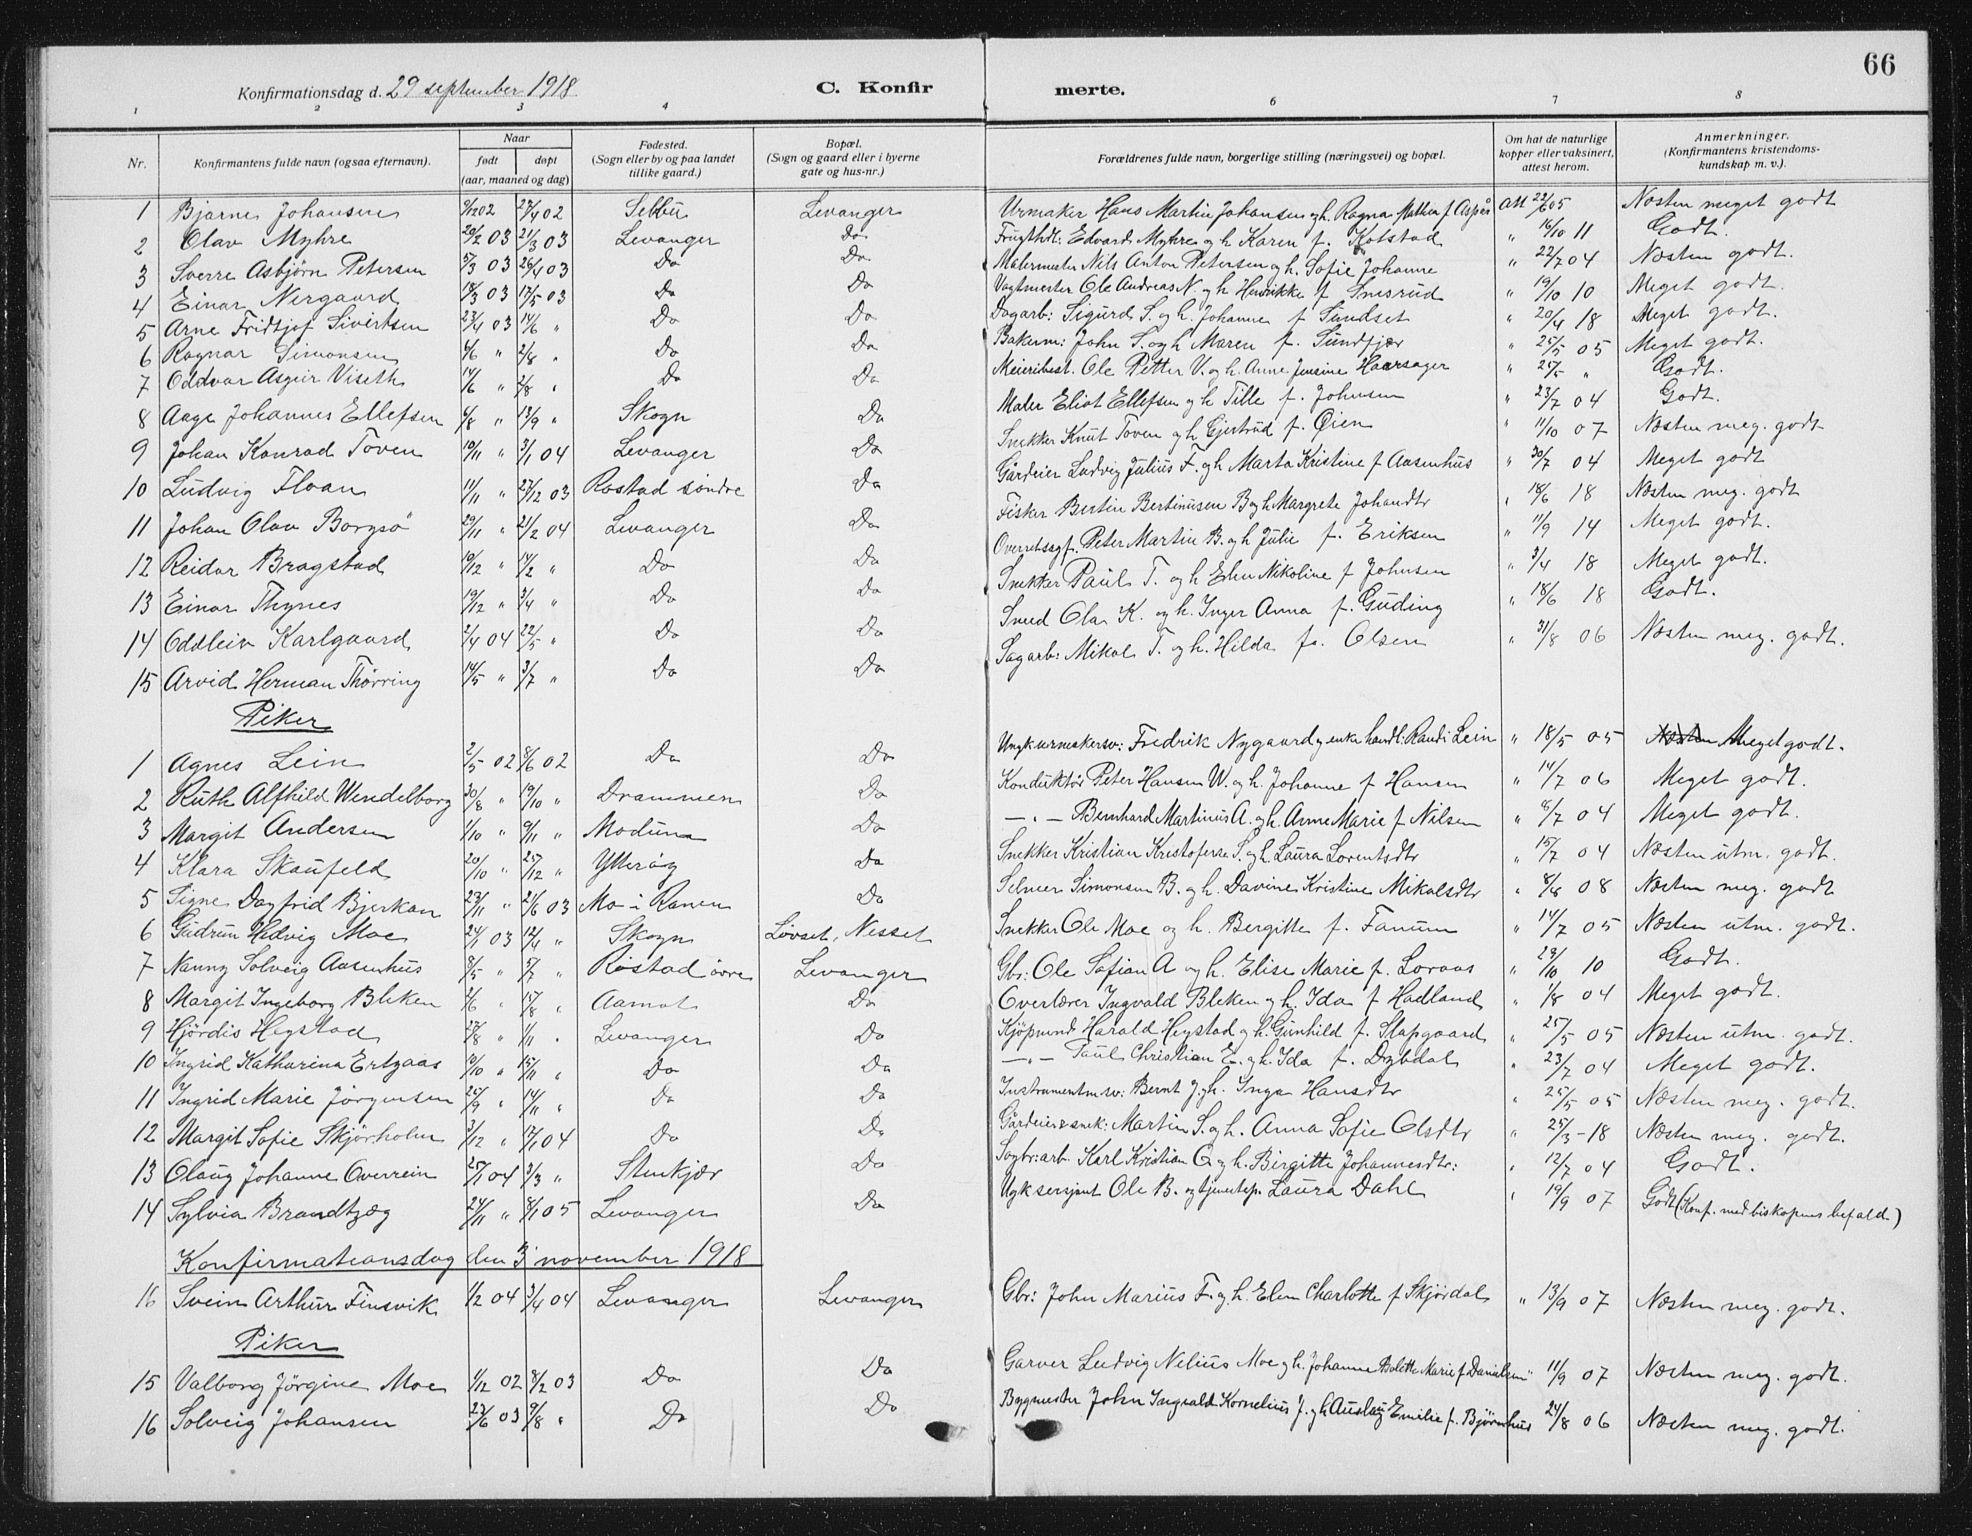 SAT, Ministerialprotokoller, klokkerbøker og fødselsregistre - Nord-Trøndelag, 720/L0193: Klokkerbok nr. 720C02, 1918-1941, s. 66